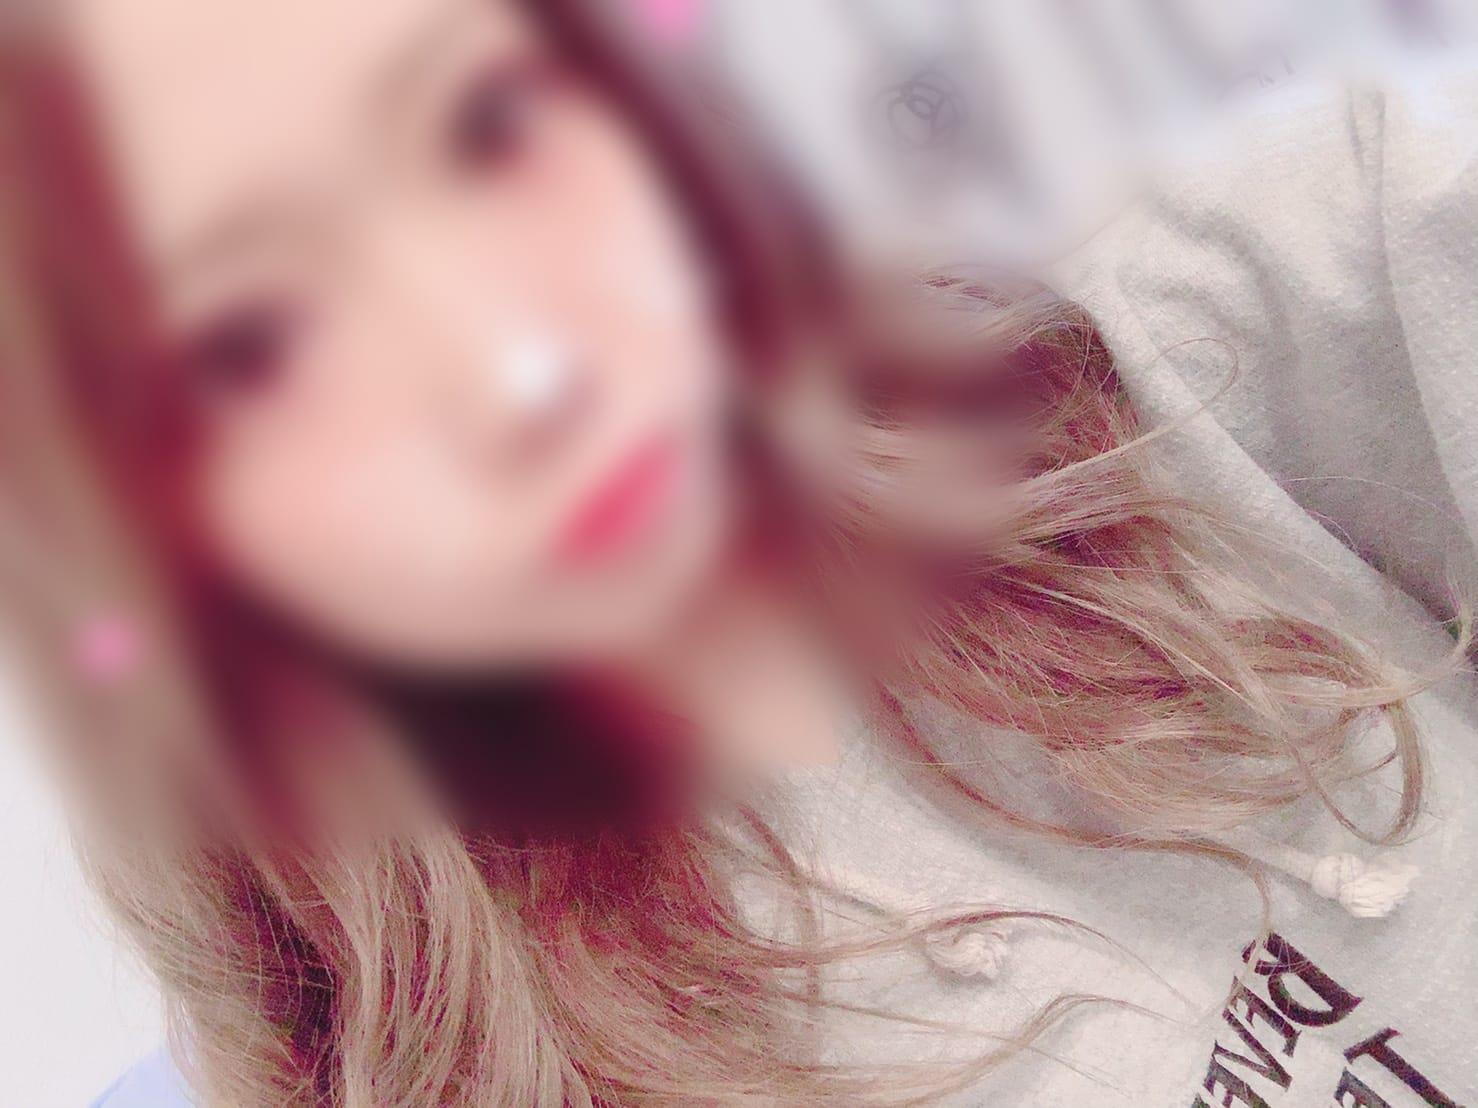 「初めまして❤️」01/22(水) 17:15 | 中村 乙葉の写メ・風俗動画